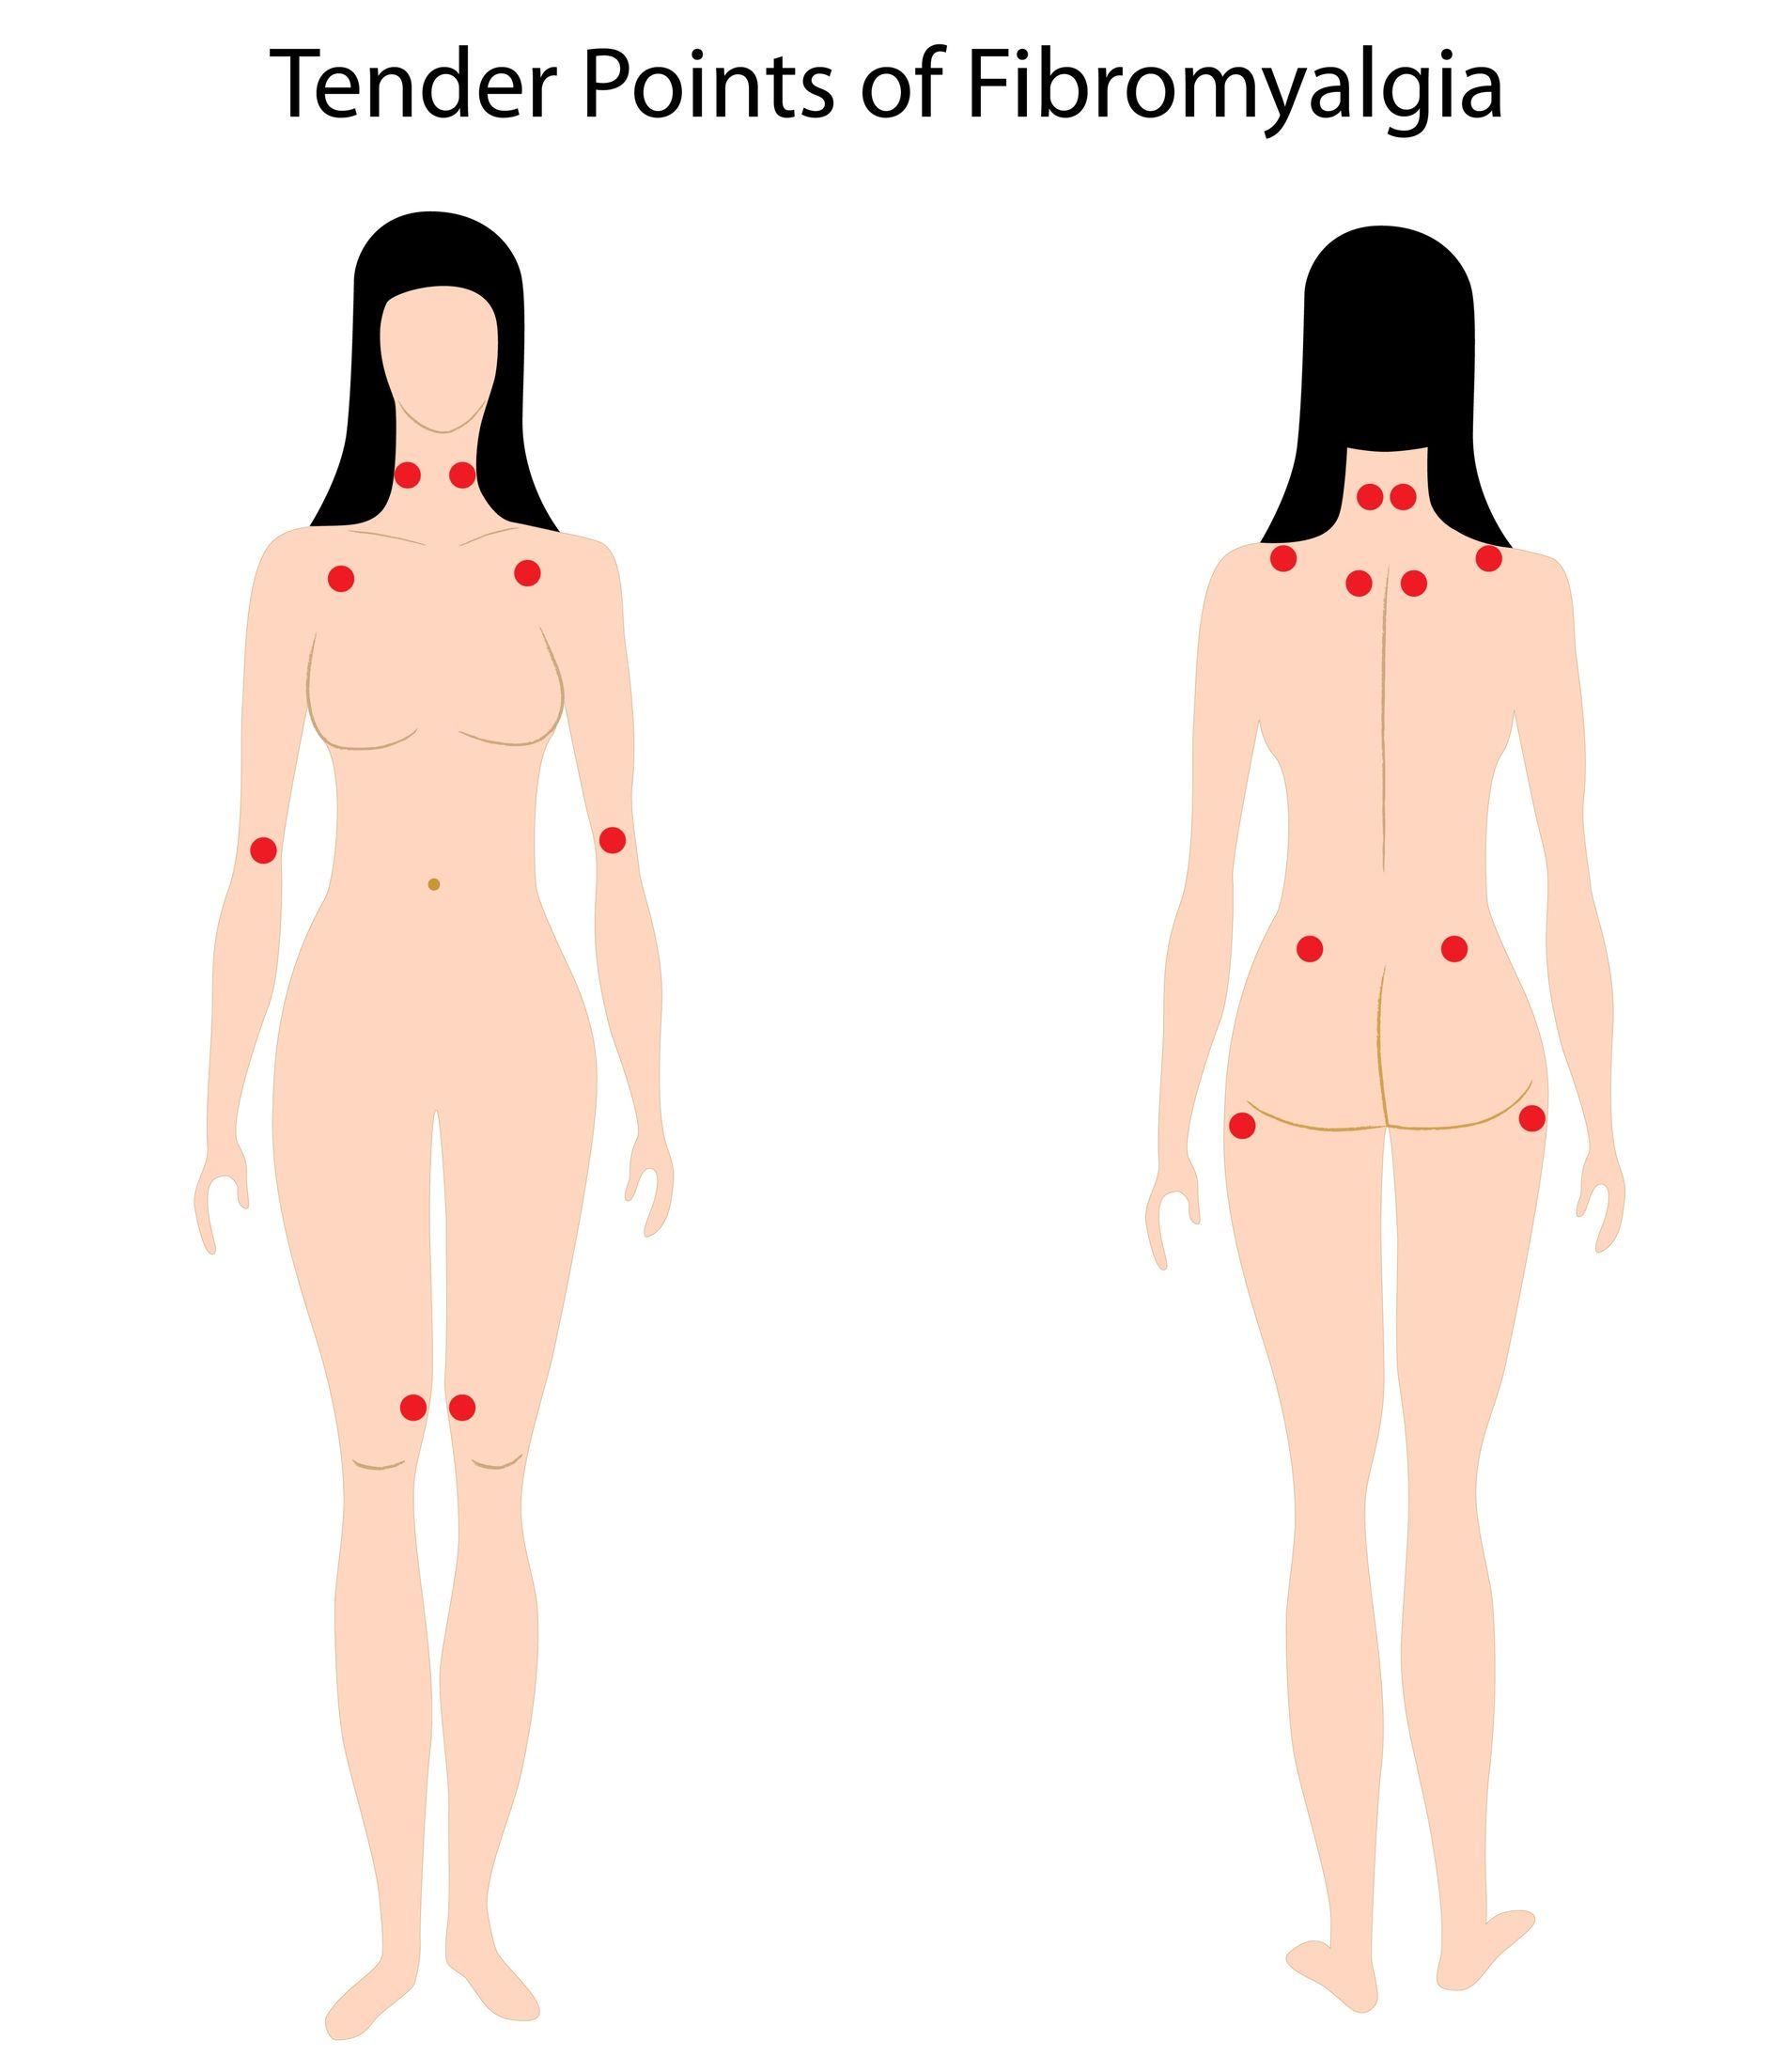 Fibromyalgi alternativ helbredelse. Fibromyalgi tender points - de 18 ømme punkter der skal undersøges i fibromyalgi